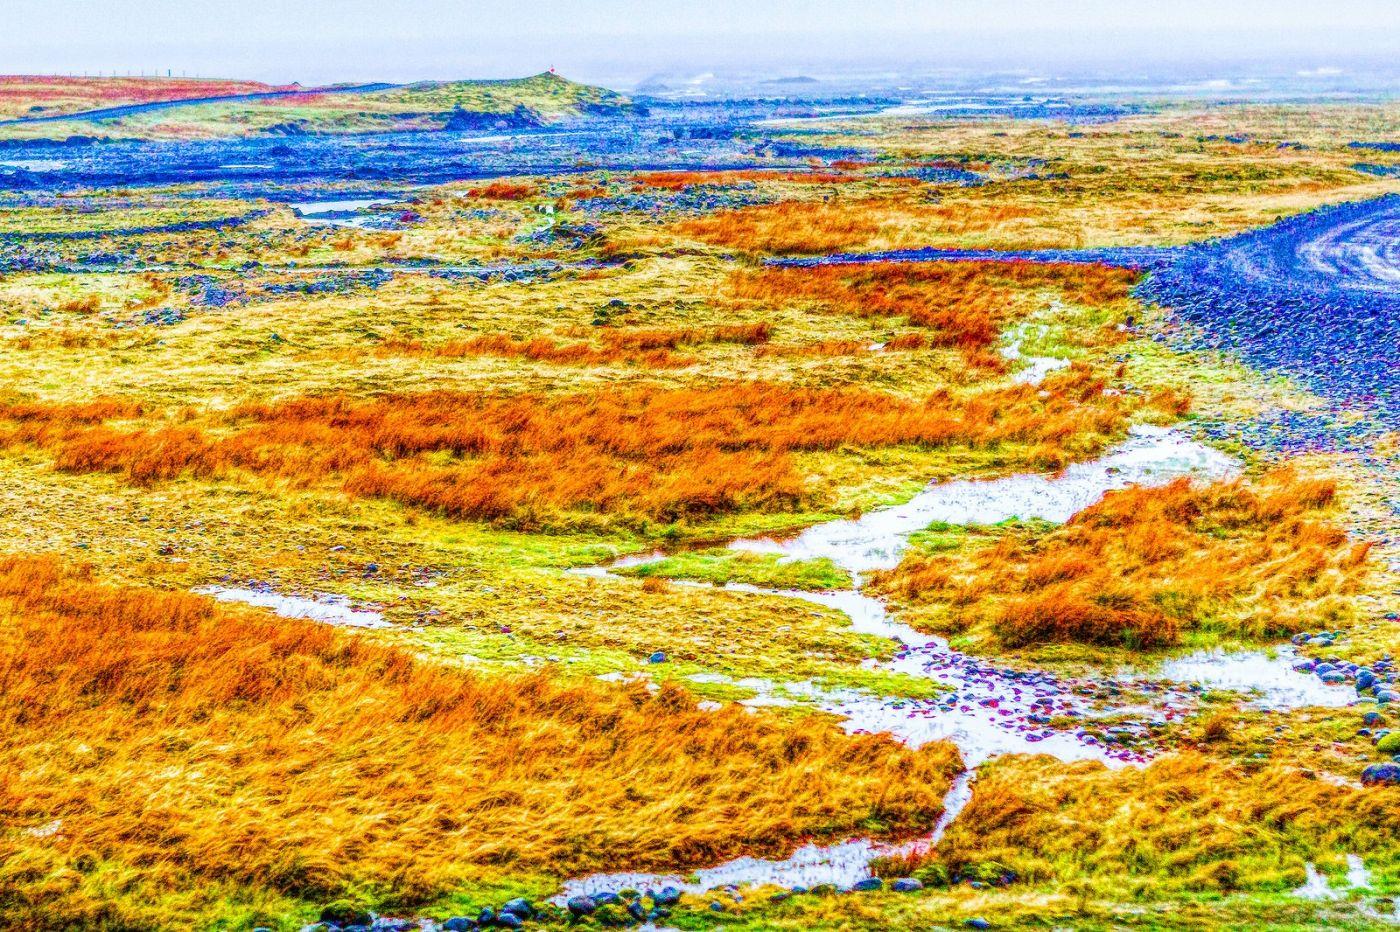 冰岛风采,延伸视野_图1-13